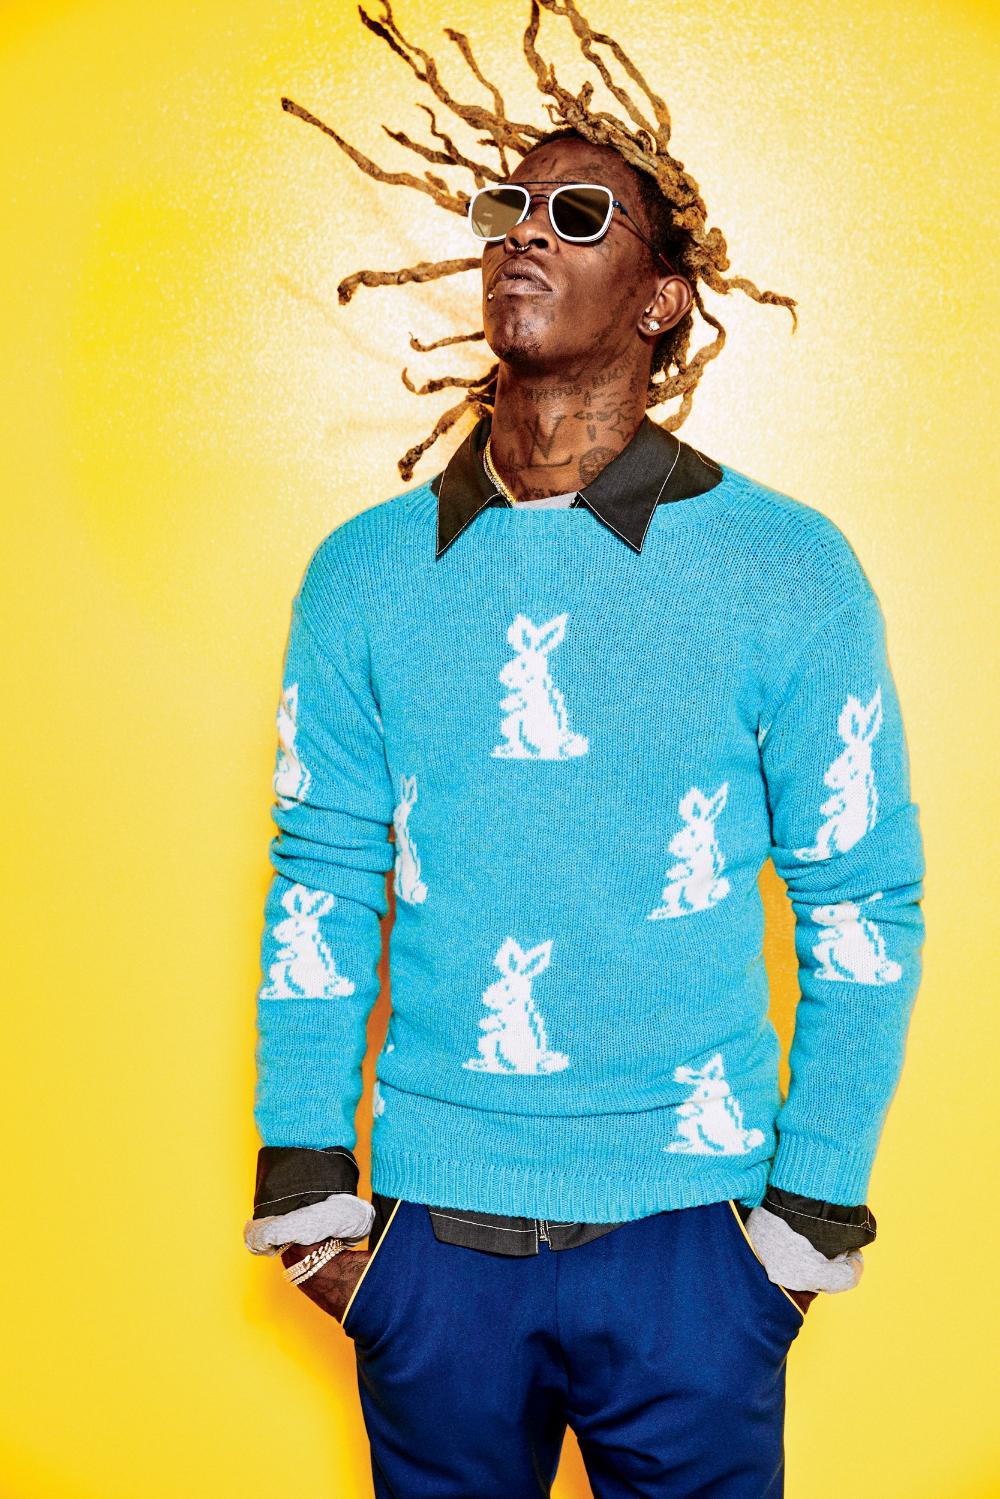 Young Thug Icono Del Trap El Jueves En Barcelona Young Thug Icono Del Trap El Jueves En Barcelo En 2020 Poses De Fotografia Masculinas Gucci Mane Musica Nueva